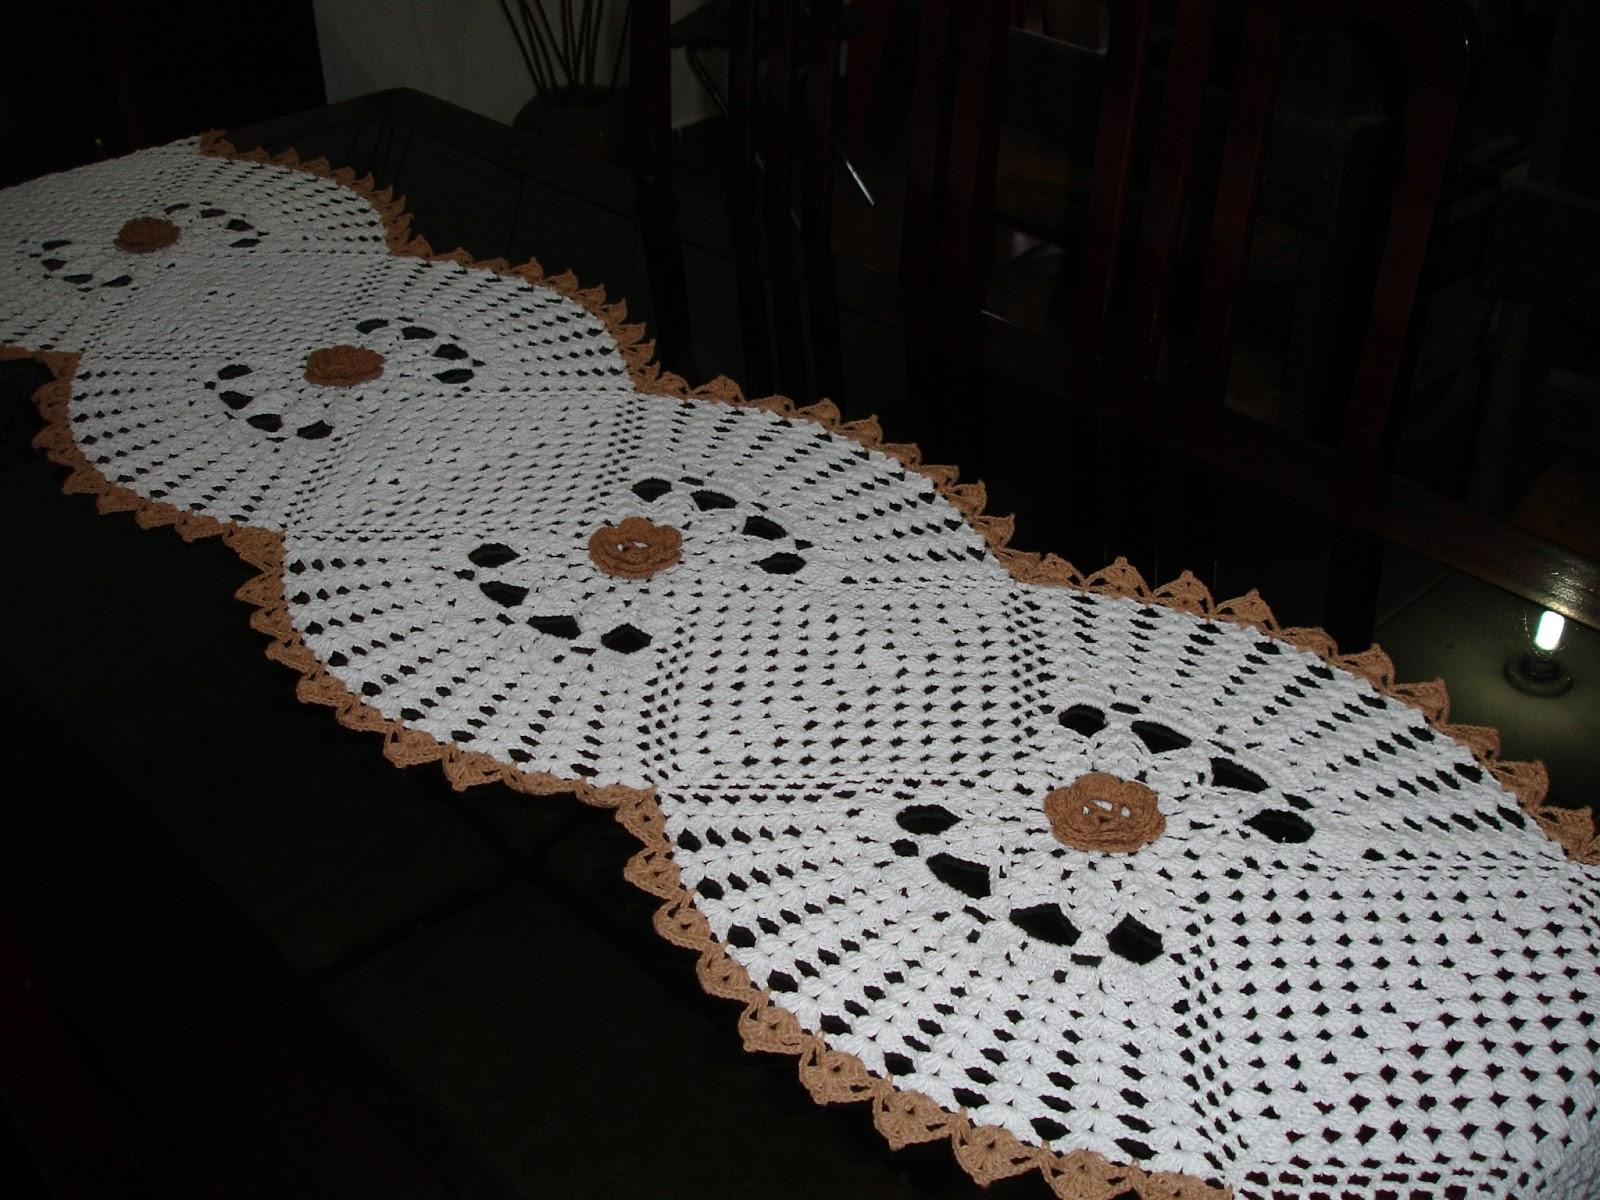 Kelly Cristina Pontes: Caminho de mesa de barbante branco e marrom.